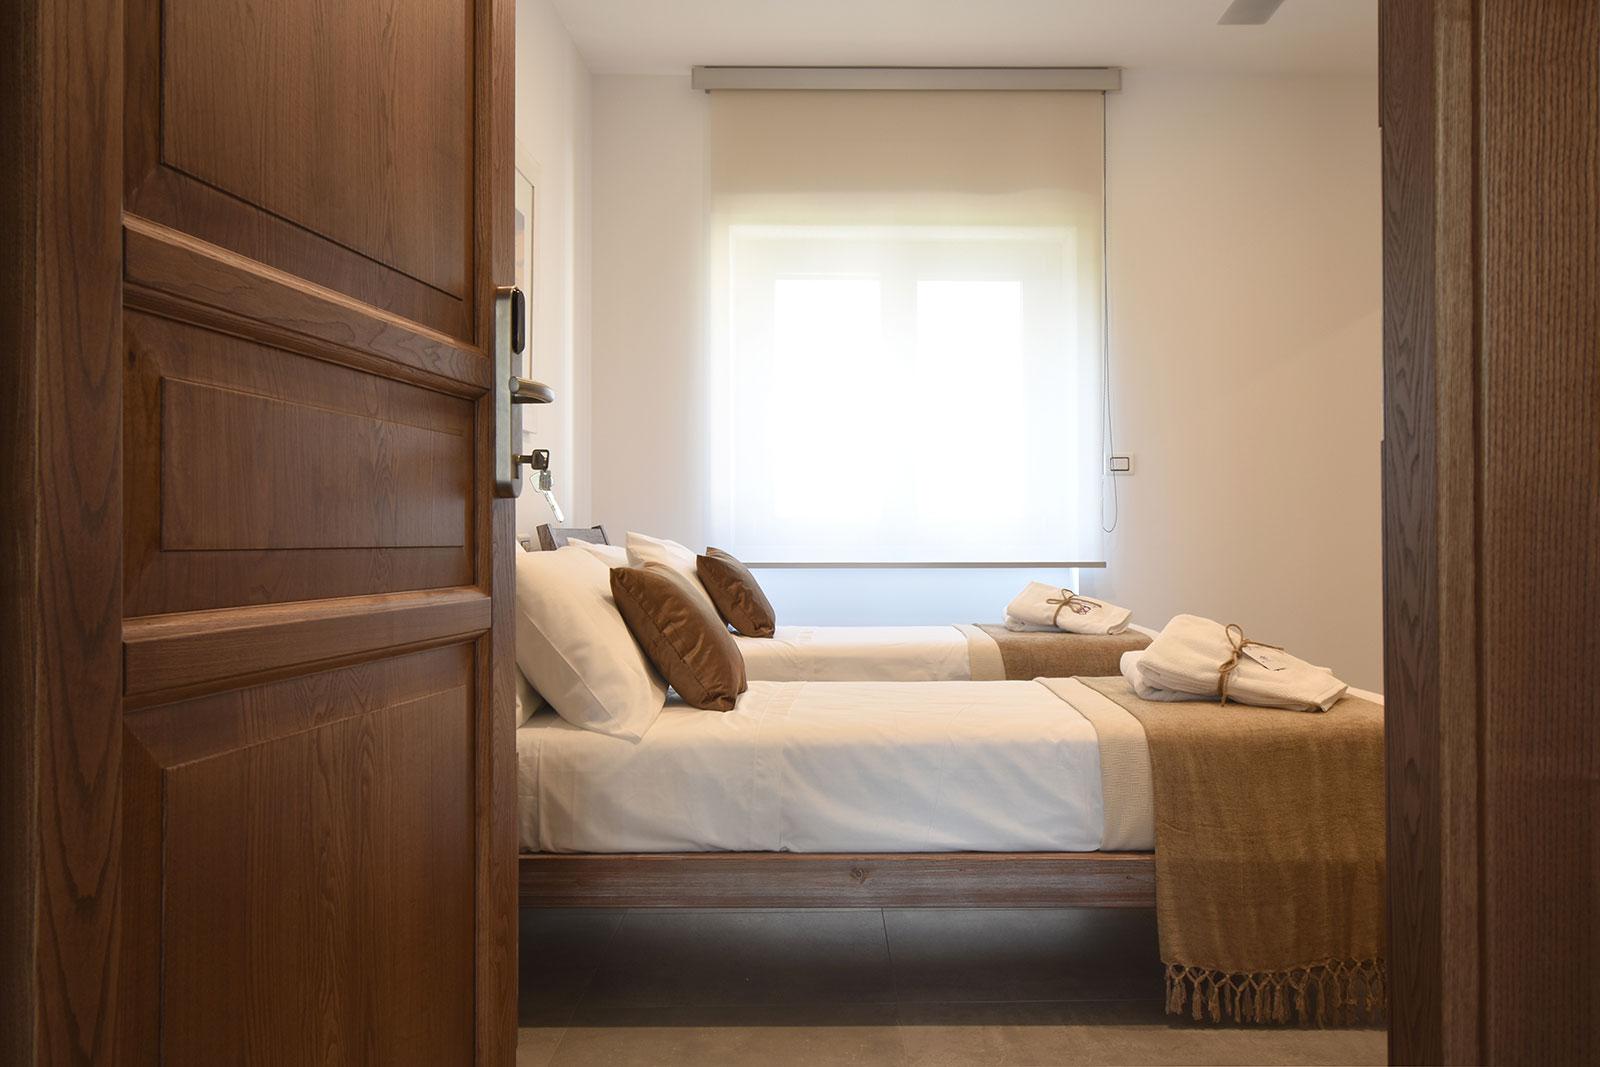 Room 3 - Double